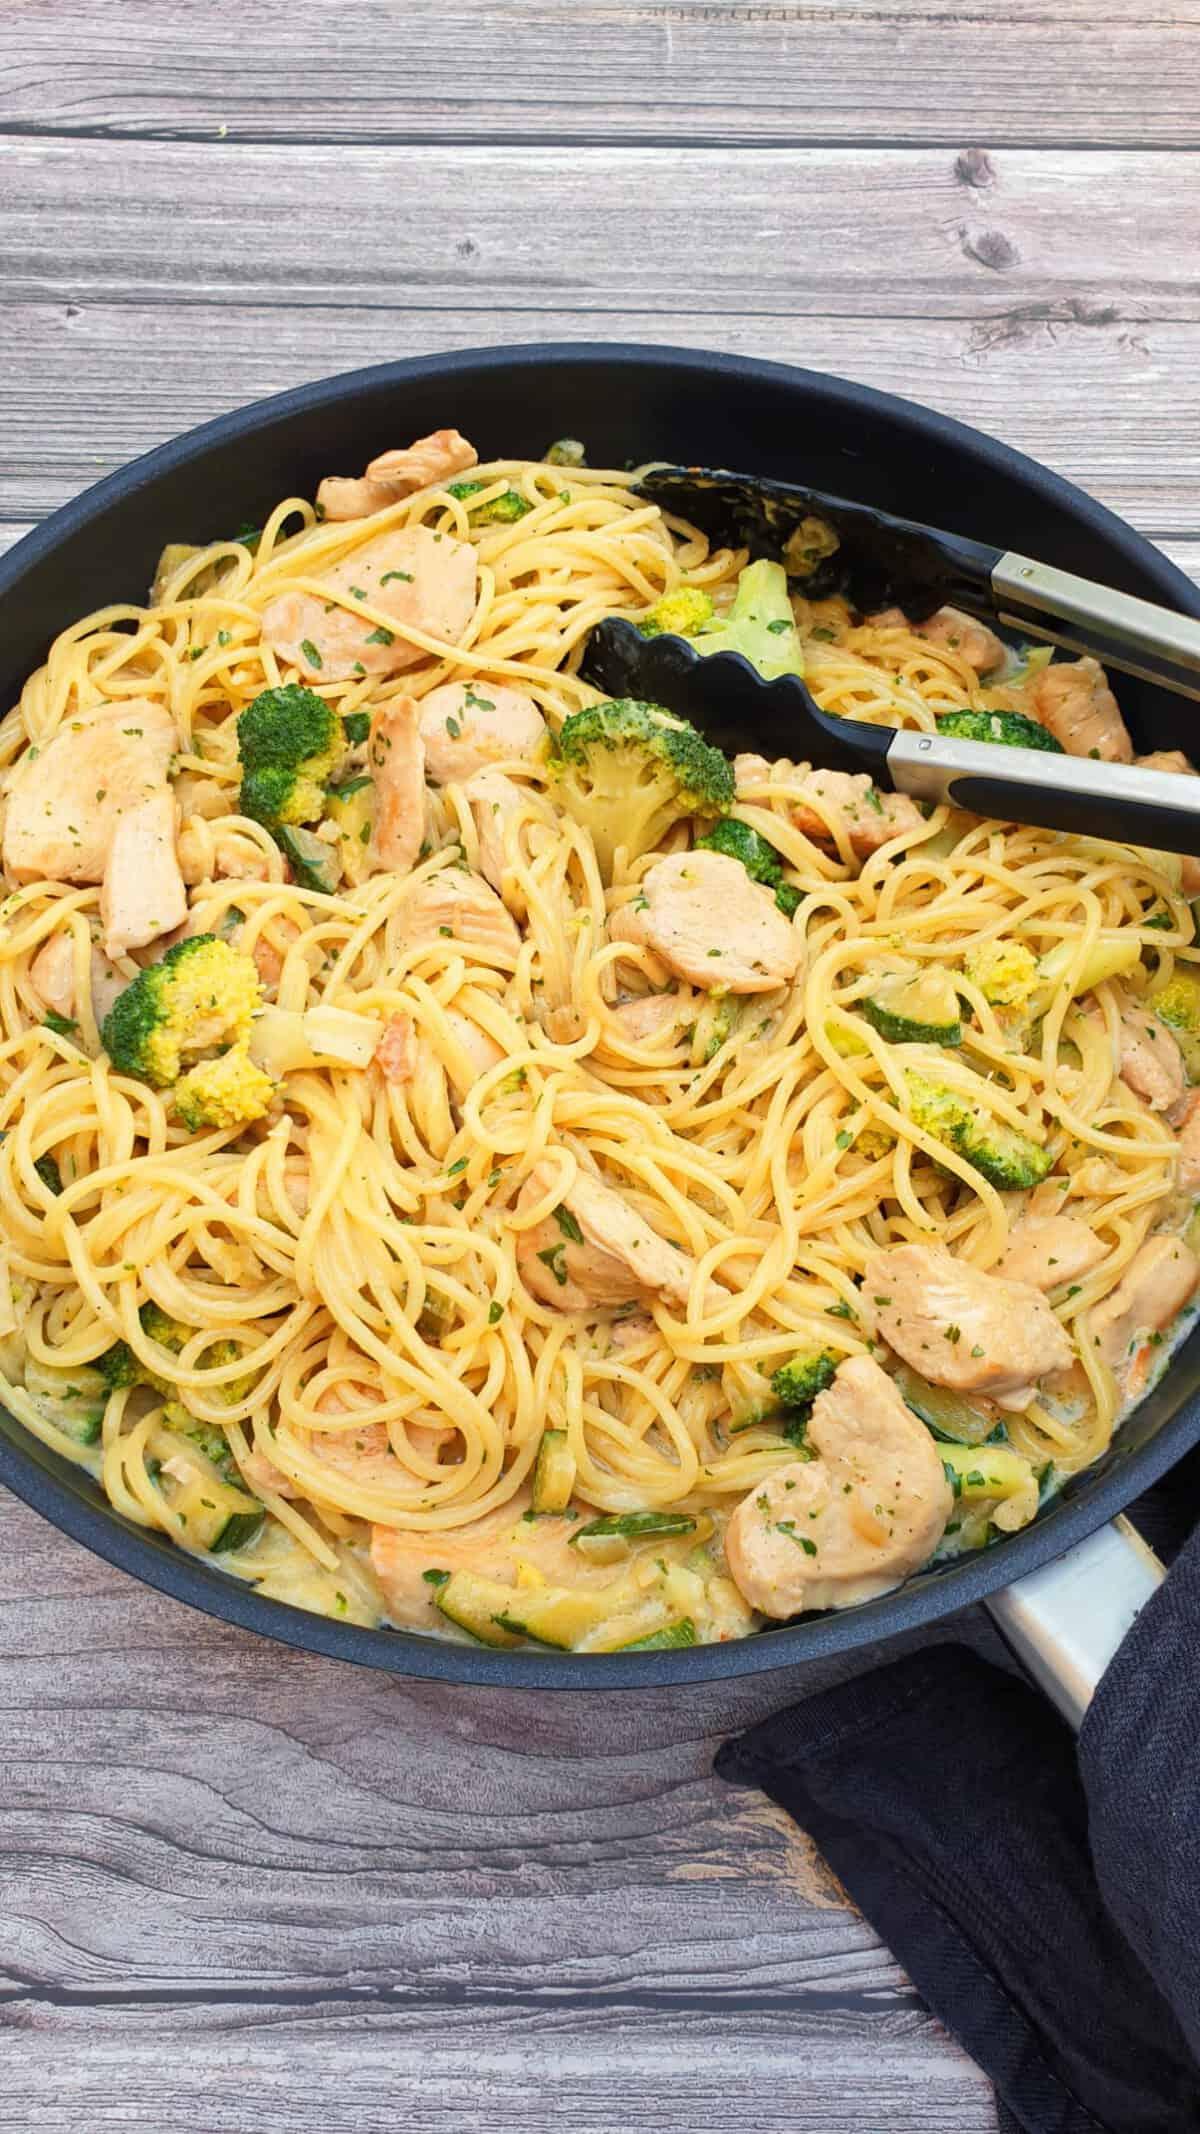 In einer schwarzen Pfanne Chicken Alfredo, ein Nudelgericht mit Hähnchenstreifen, Brokkoli und Zucchini. Mit Petersilie bestreut.